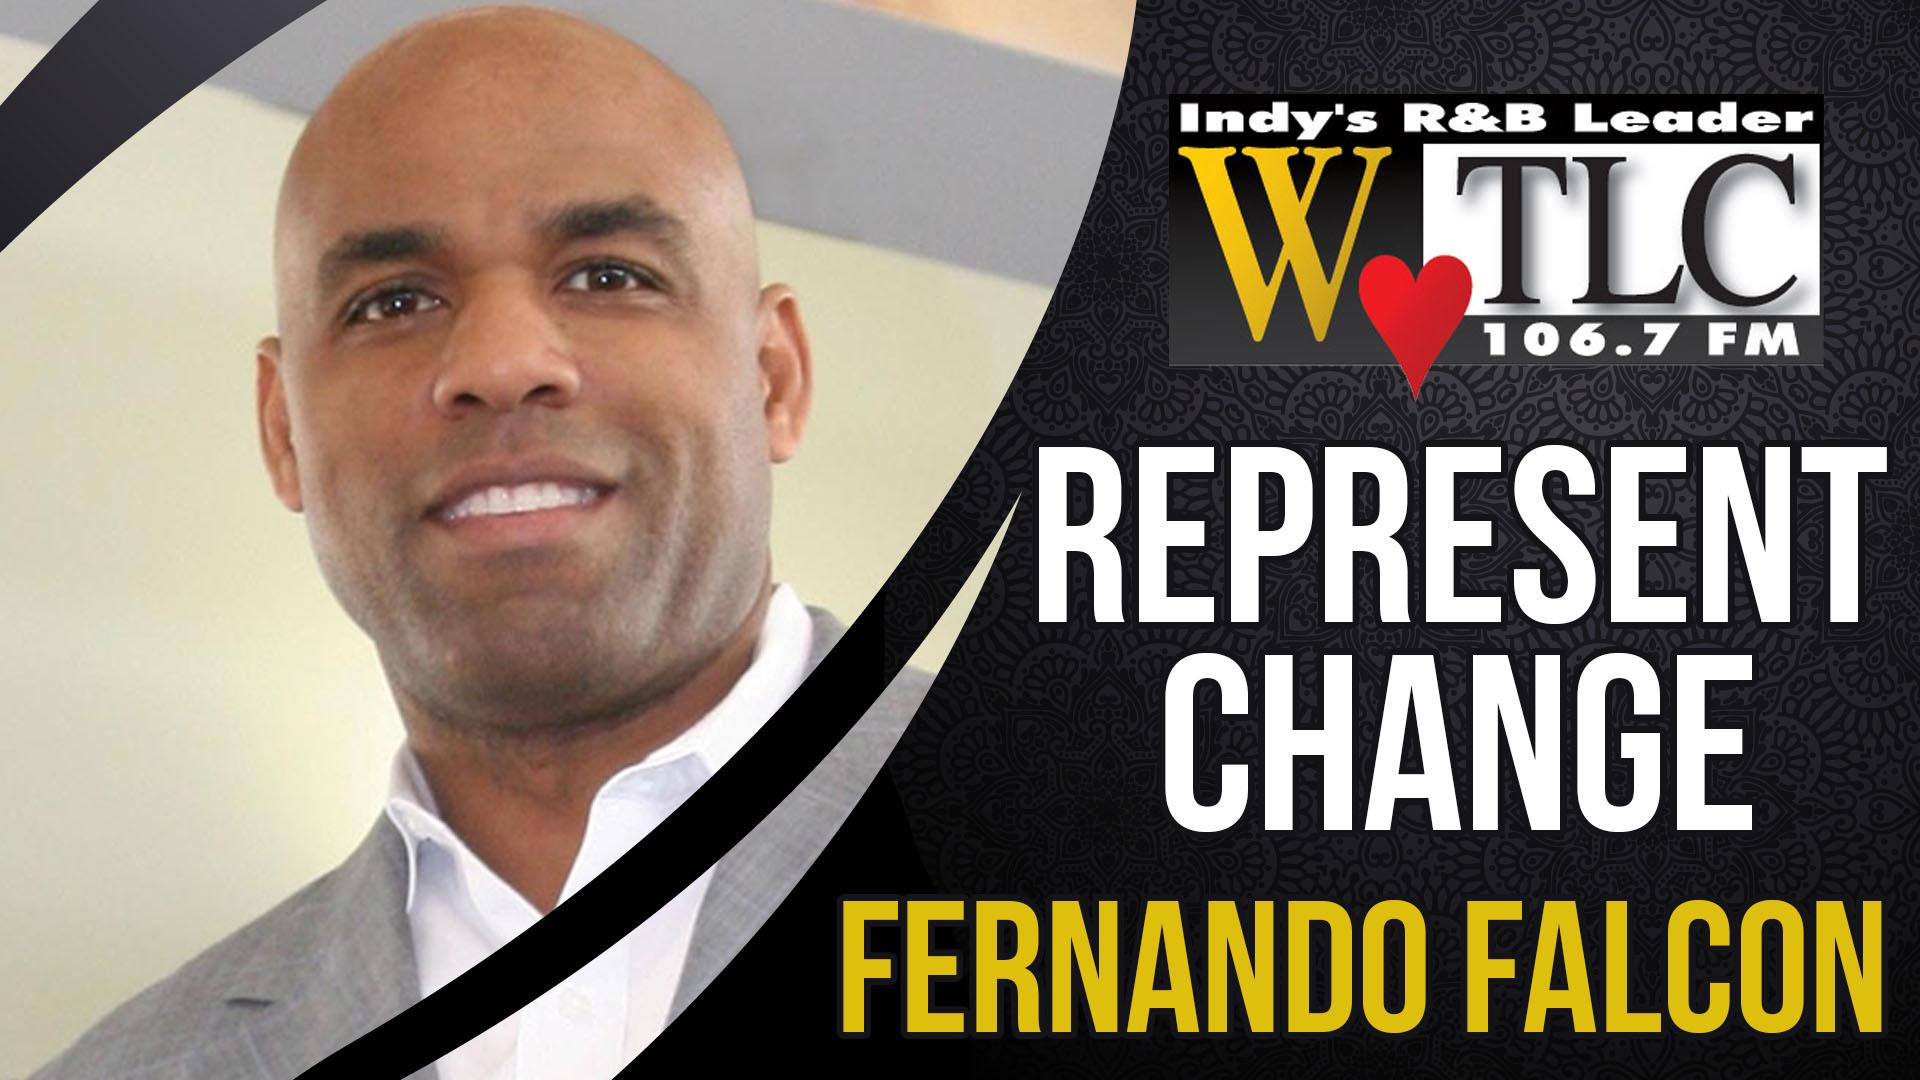 Represent Change: Fernando Falcon